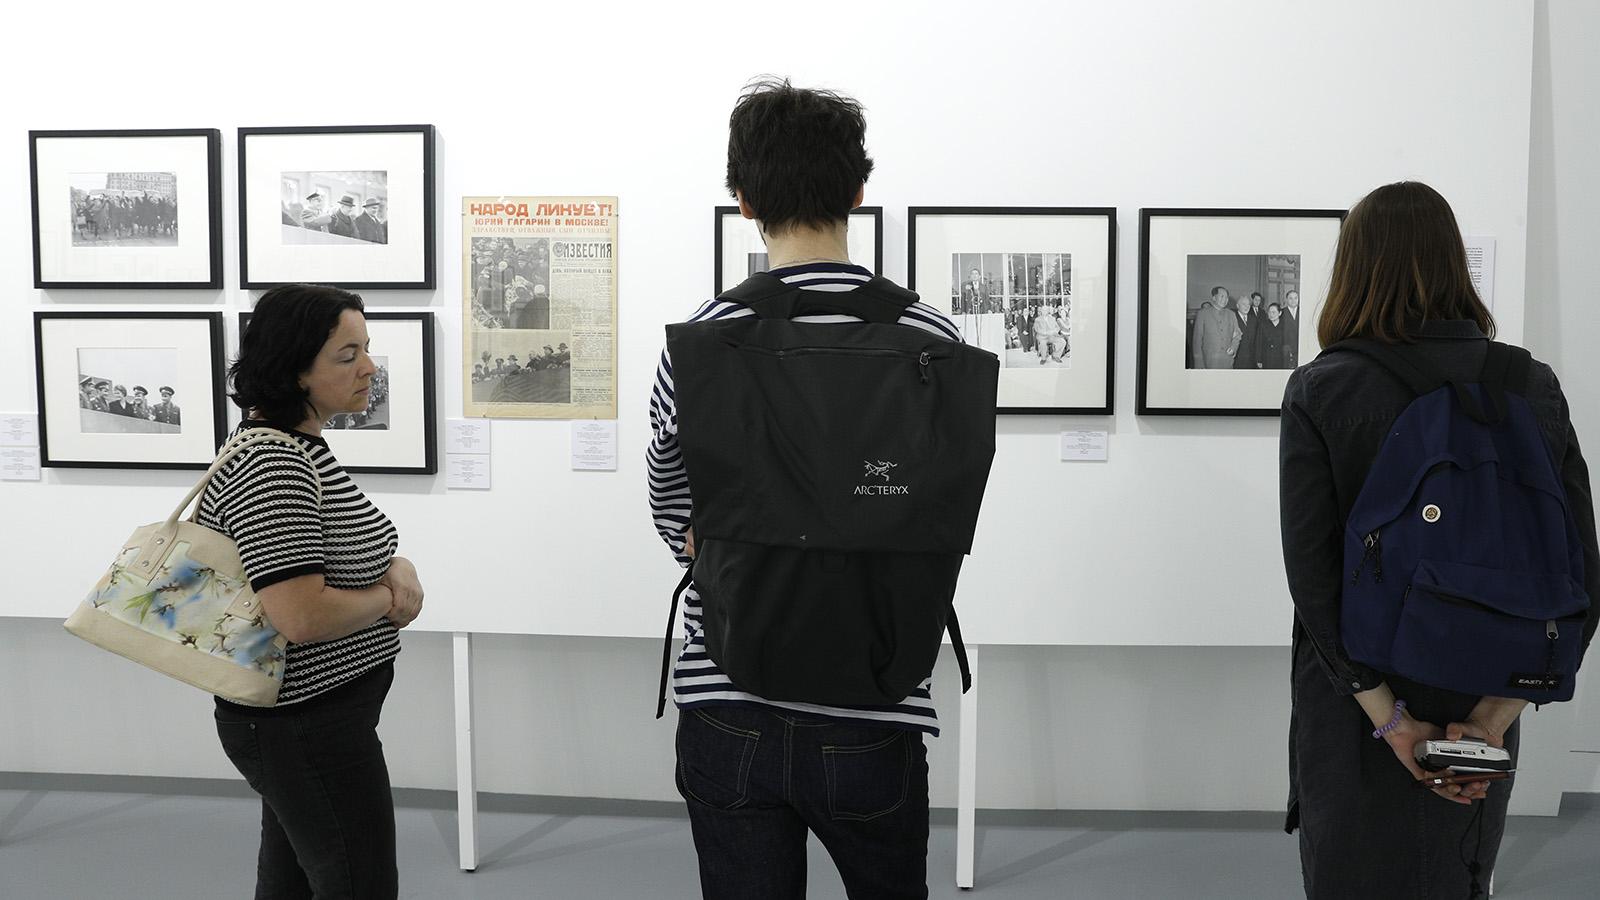 Посетители выставки «Известия»: 100 лет вместе»